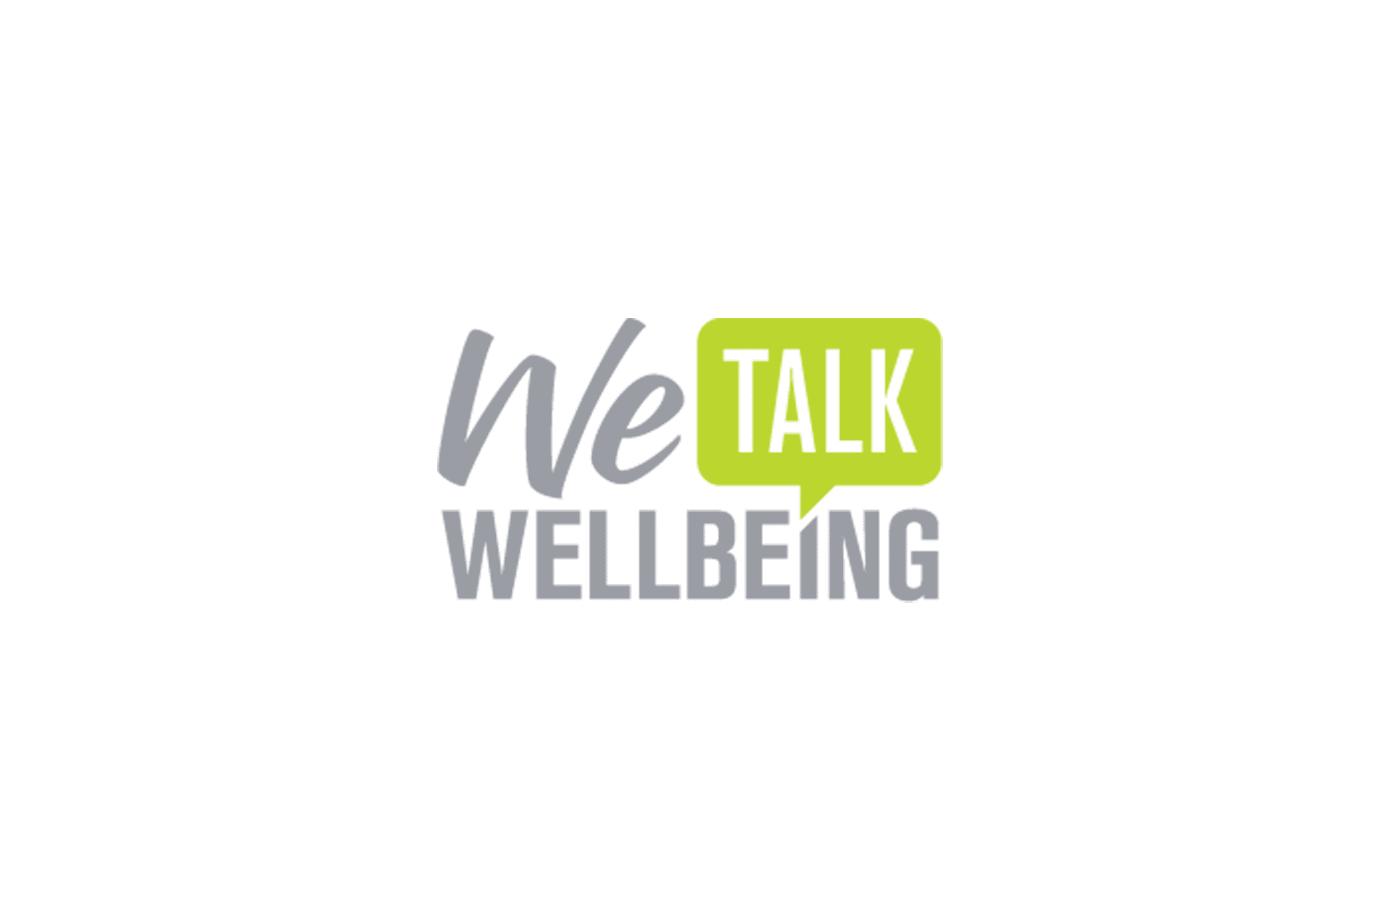 We Talk Wellbeing logo